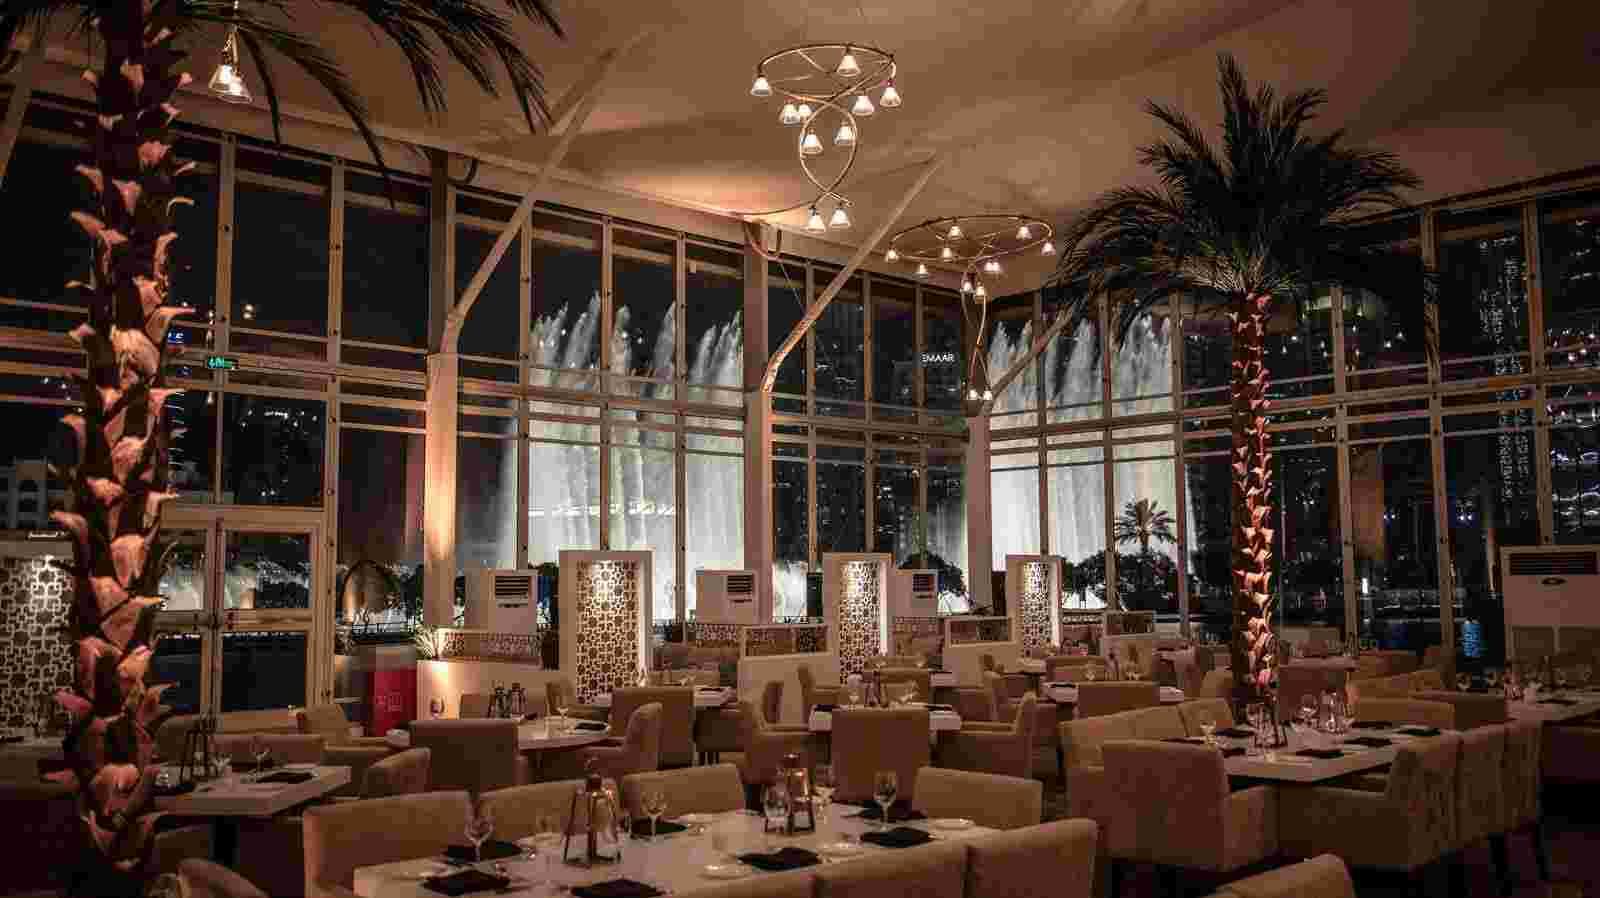 Iftar at The Armani Hotel Dubai